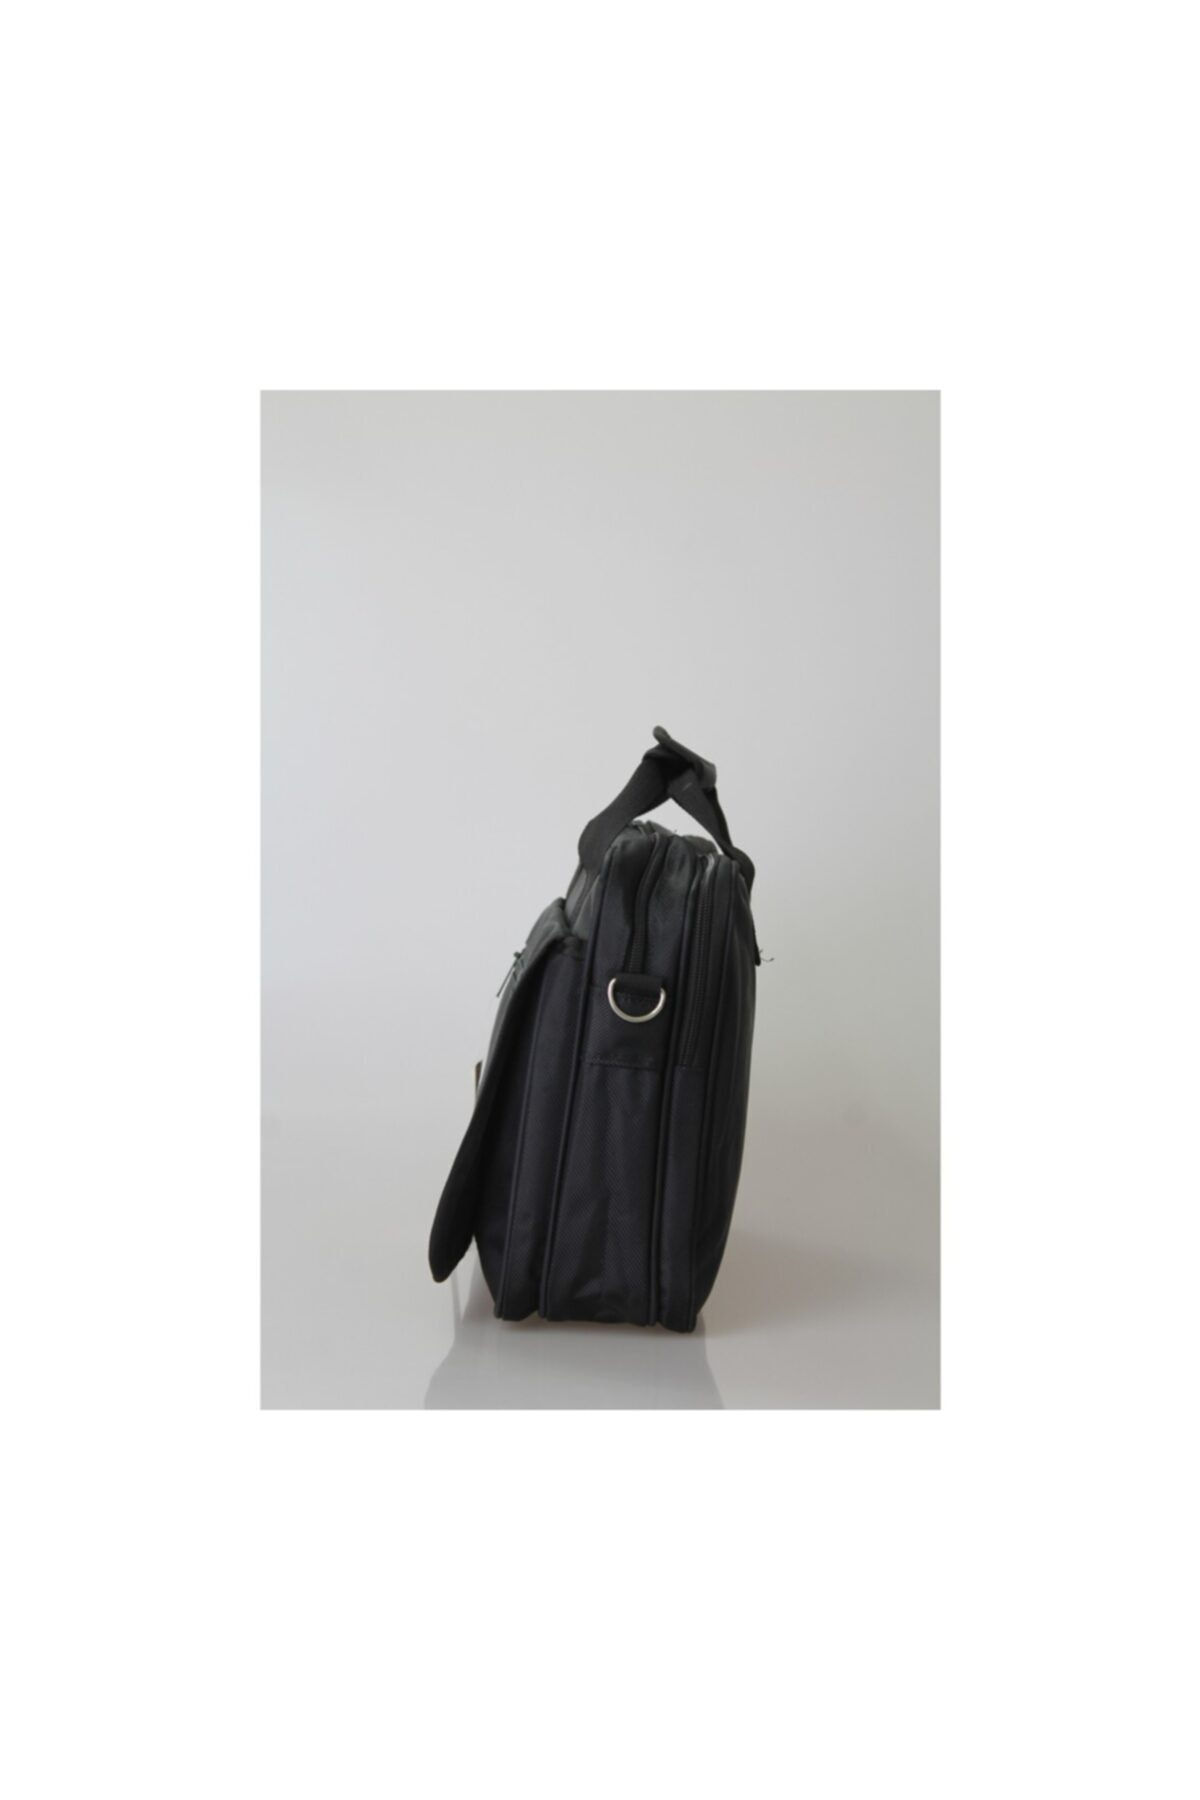 CAKARD Omuz Askılı Kumaş Evrak Çantası Siyah 2